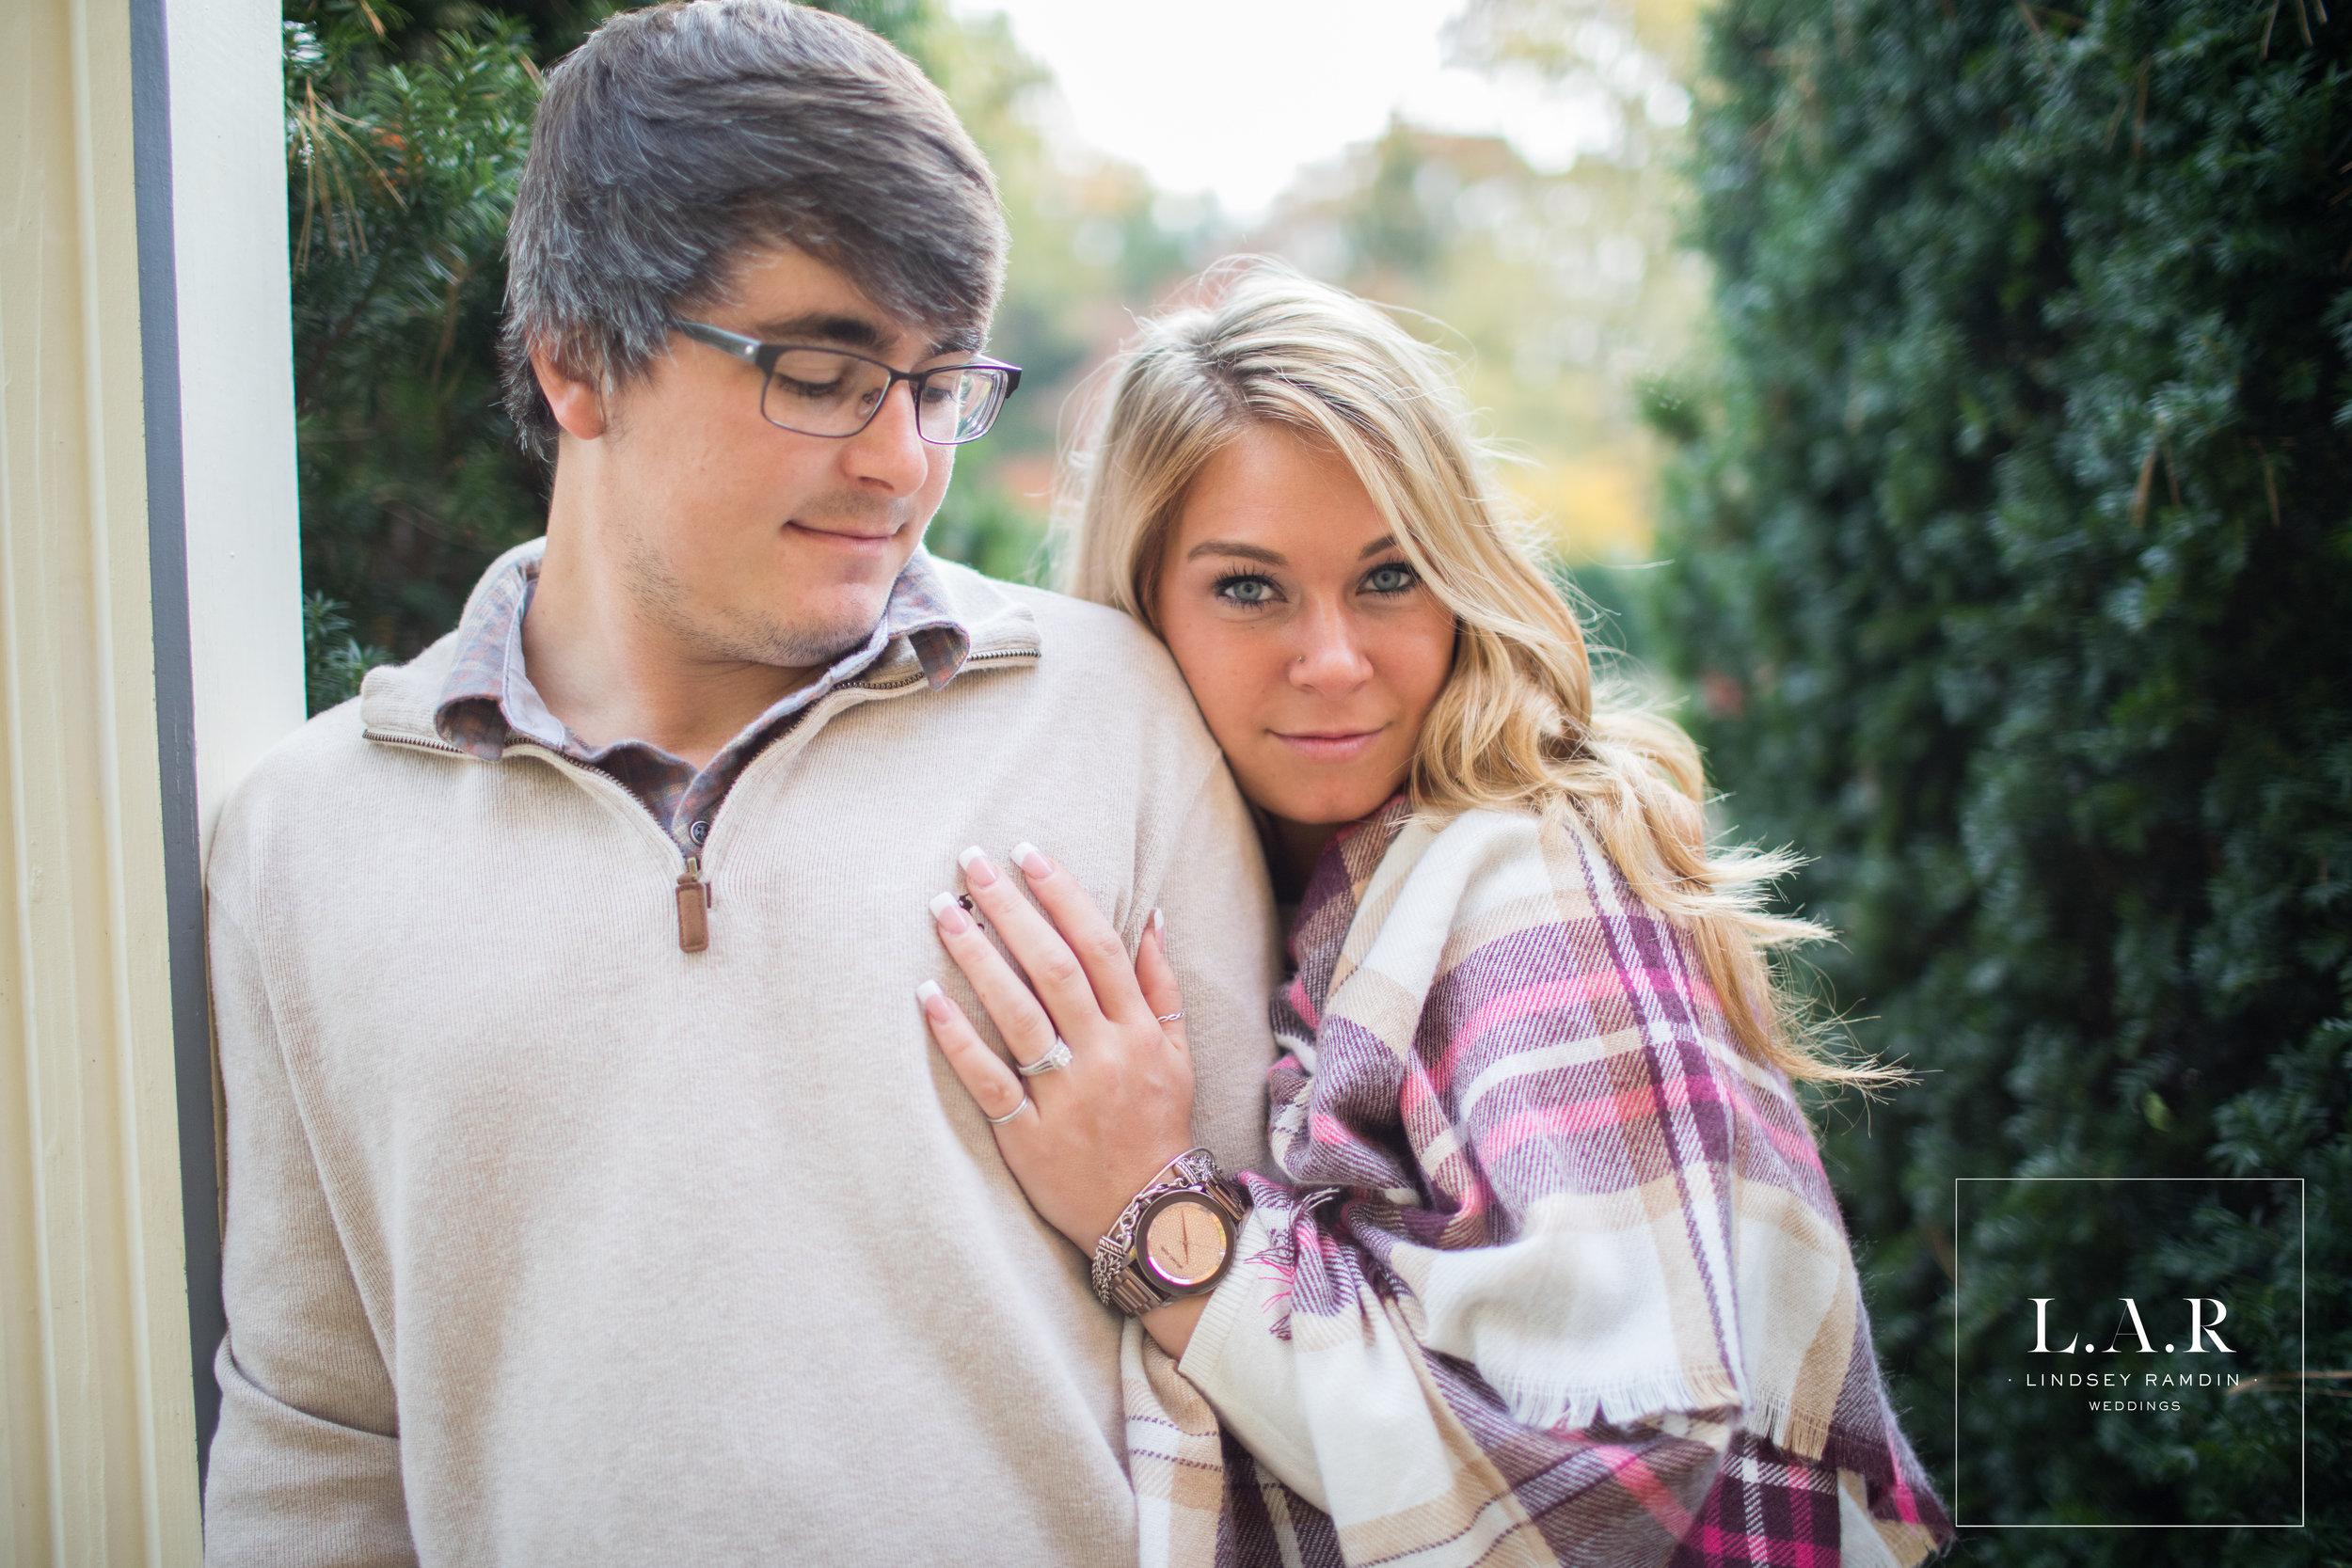 Fellows Riverside Garden Engagement Photo | L.A.R Weddings | Lindsey Ramdin